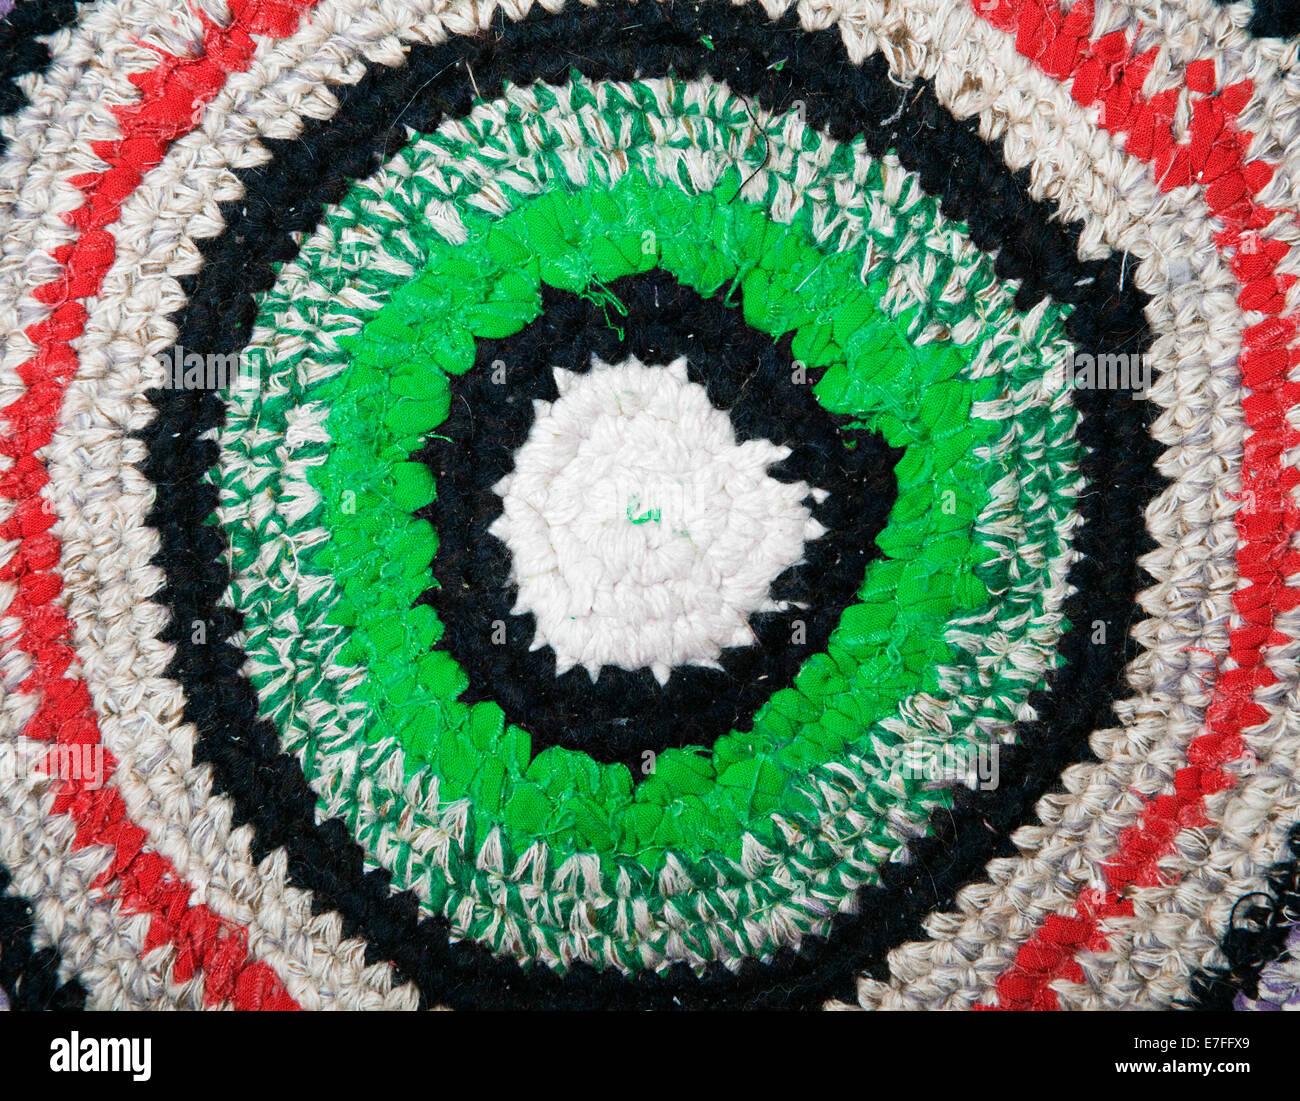 Handgefertigtes Teppich Gehäkelt Von Bunten Stoff Bänder Stockfoto